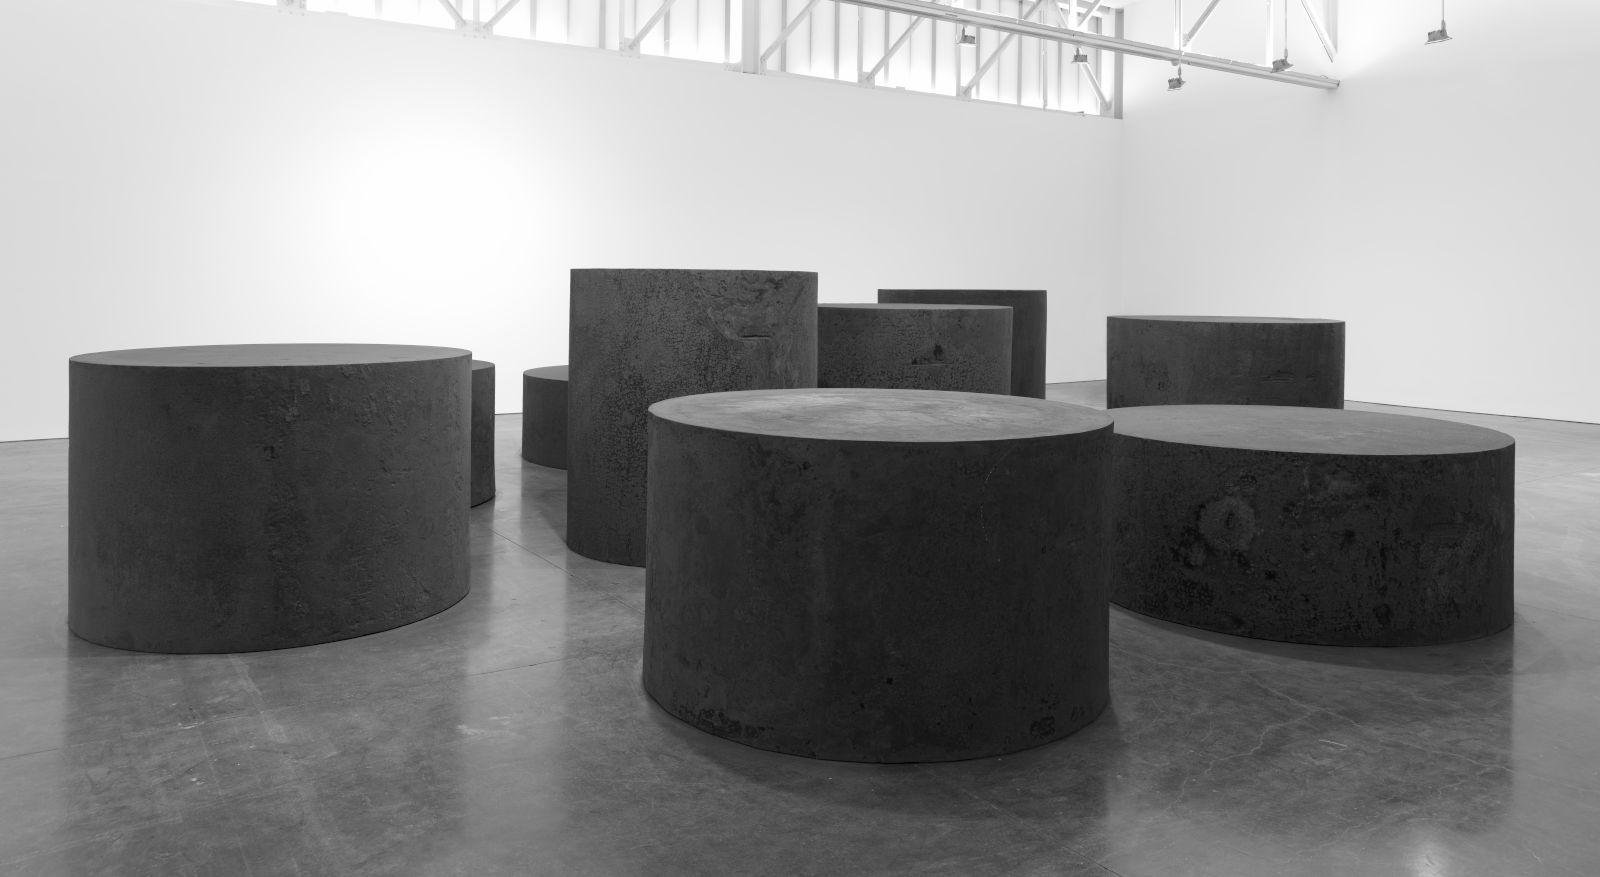 Gagosian West 24 Richard Serra